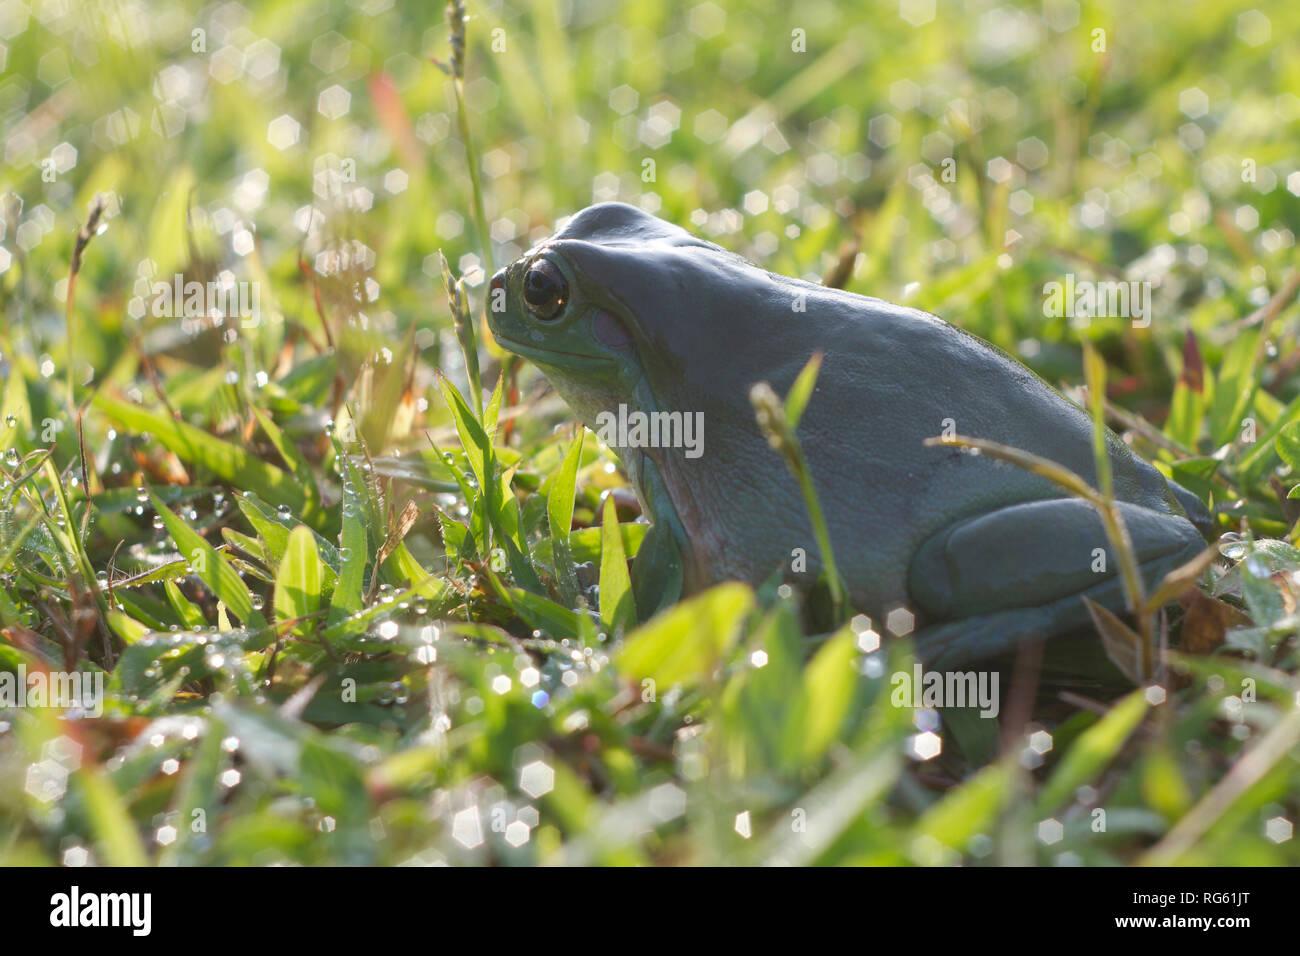 La rana arborícola verde de Australia sentado en la hierba húmeda, Indonesia Foto de stock